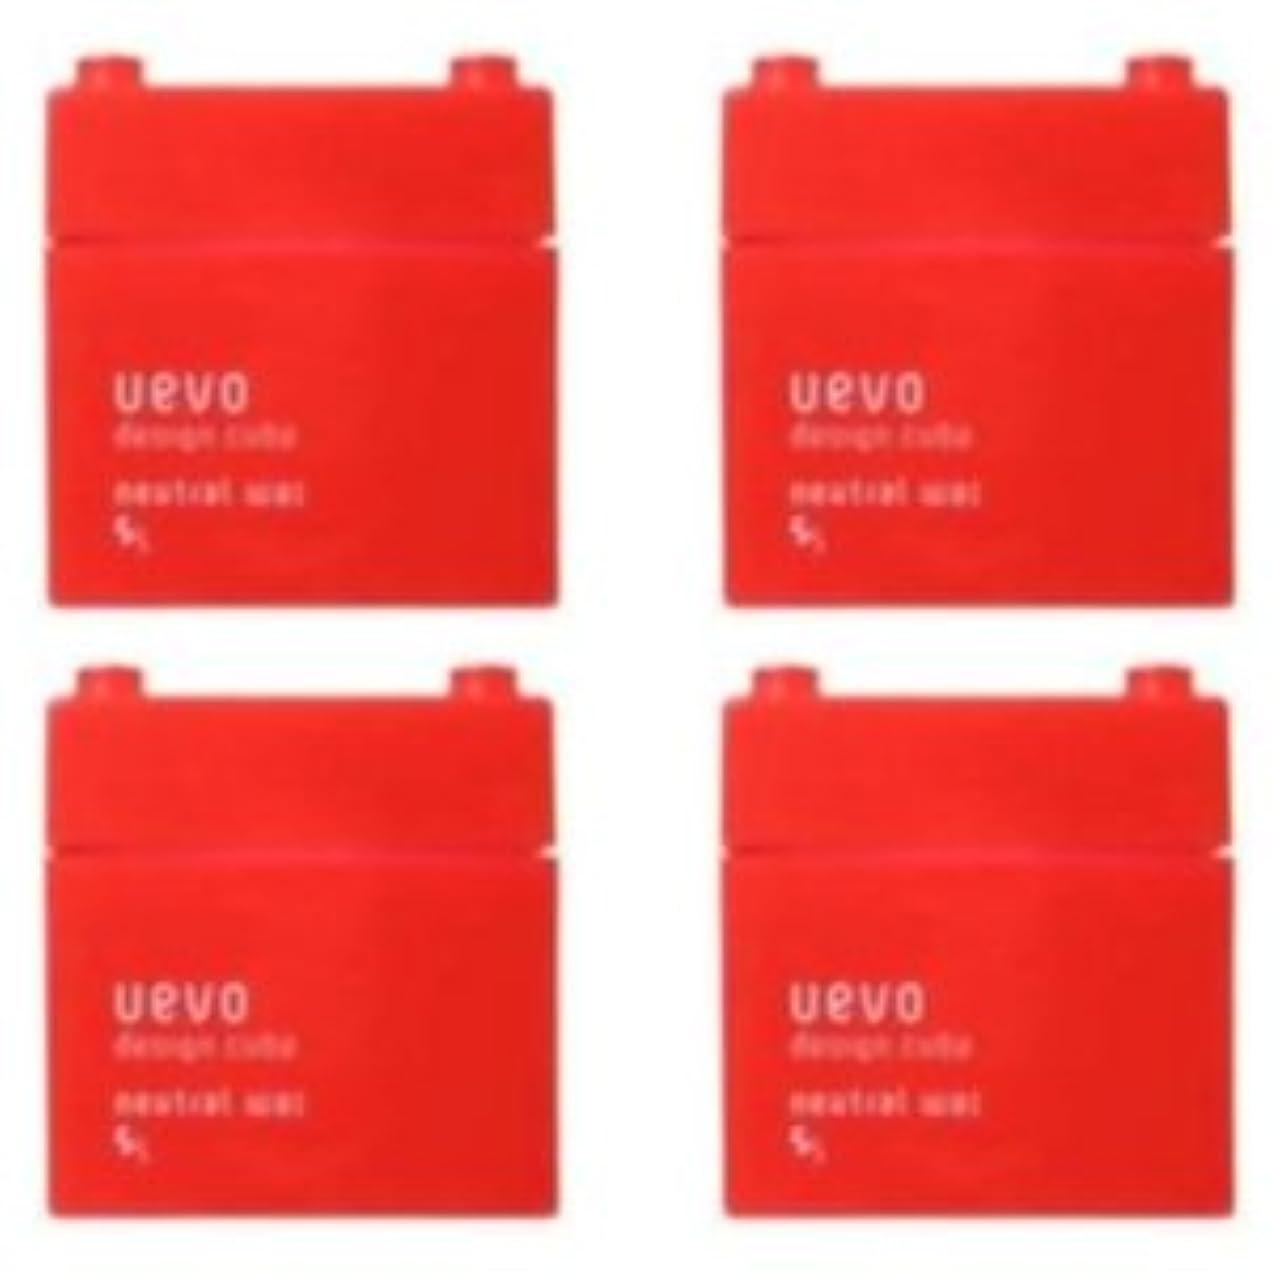 明らかにフライカイト建物【X4個セット】 デミ ウェーボ デザインキューブ ニュートラルワックス 80g neutral wax DEMI uevo design cube